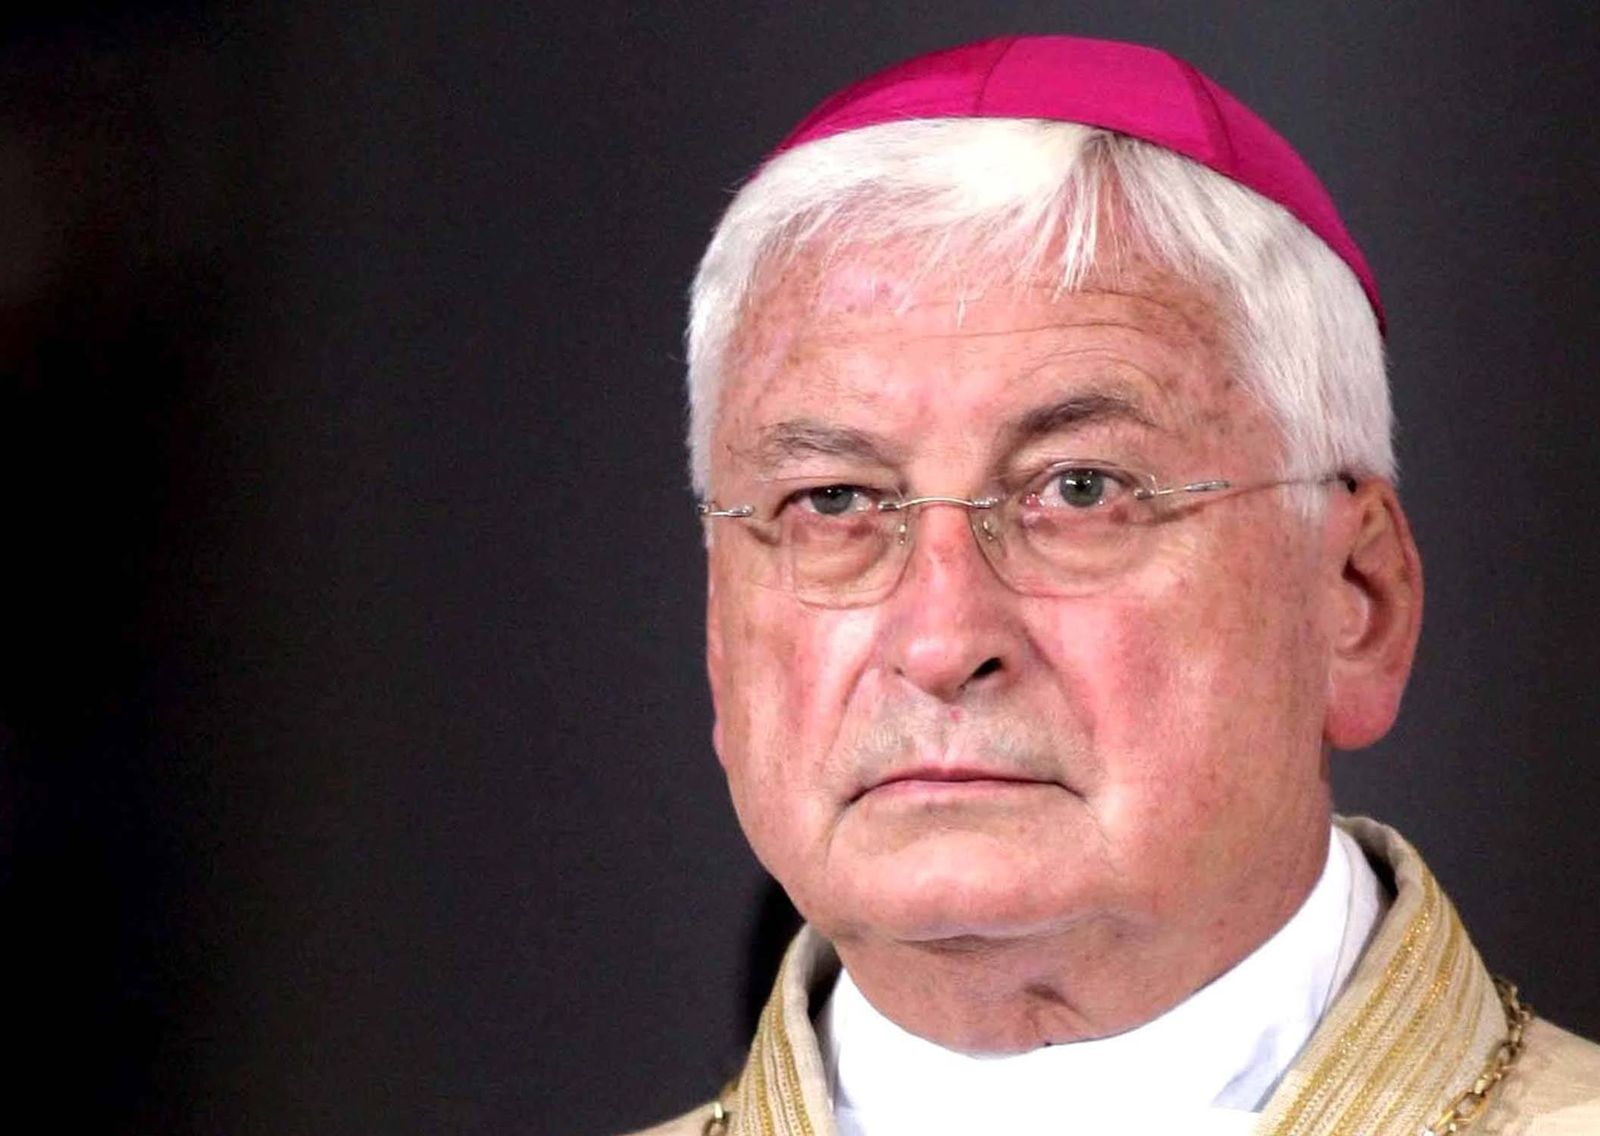 NICHT VERWENDEN Bischof Mixa fordert von muslimischen Laendern Religionsfreiheit